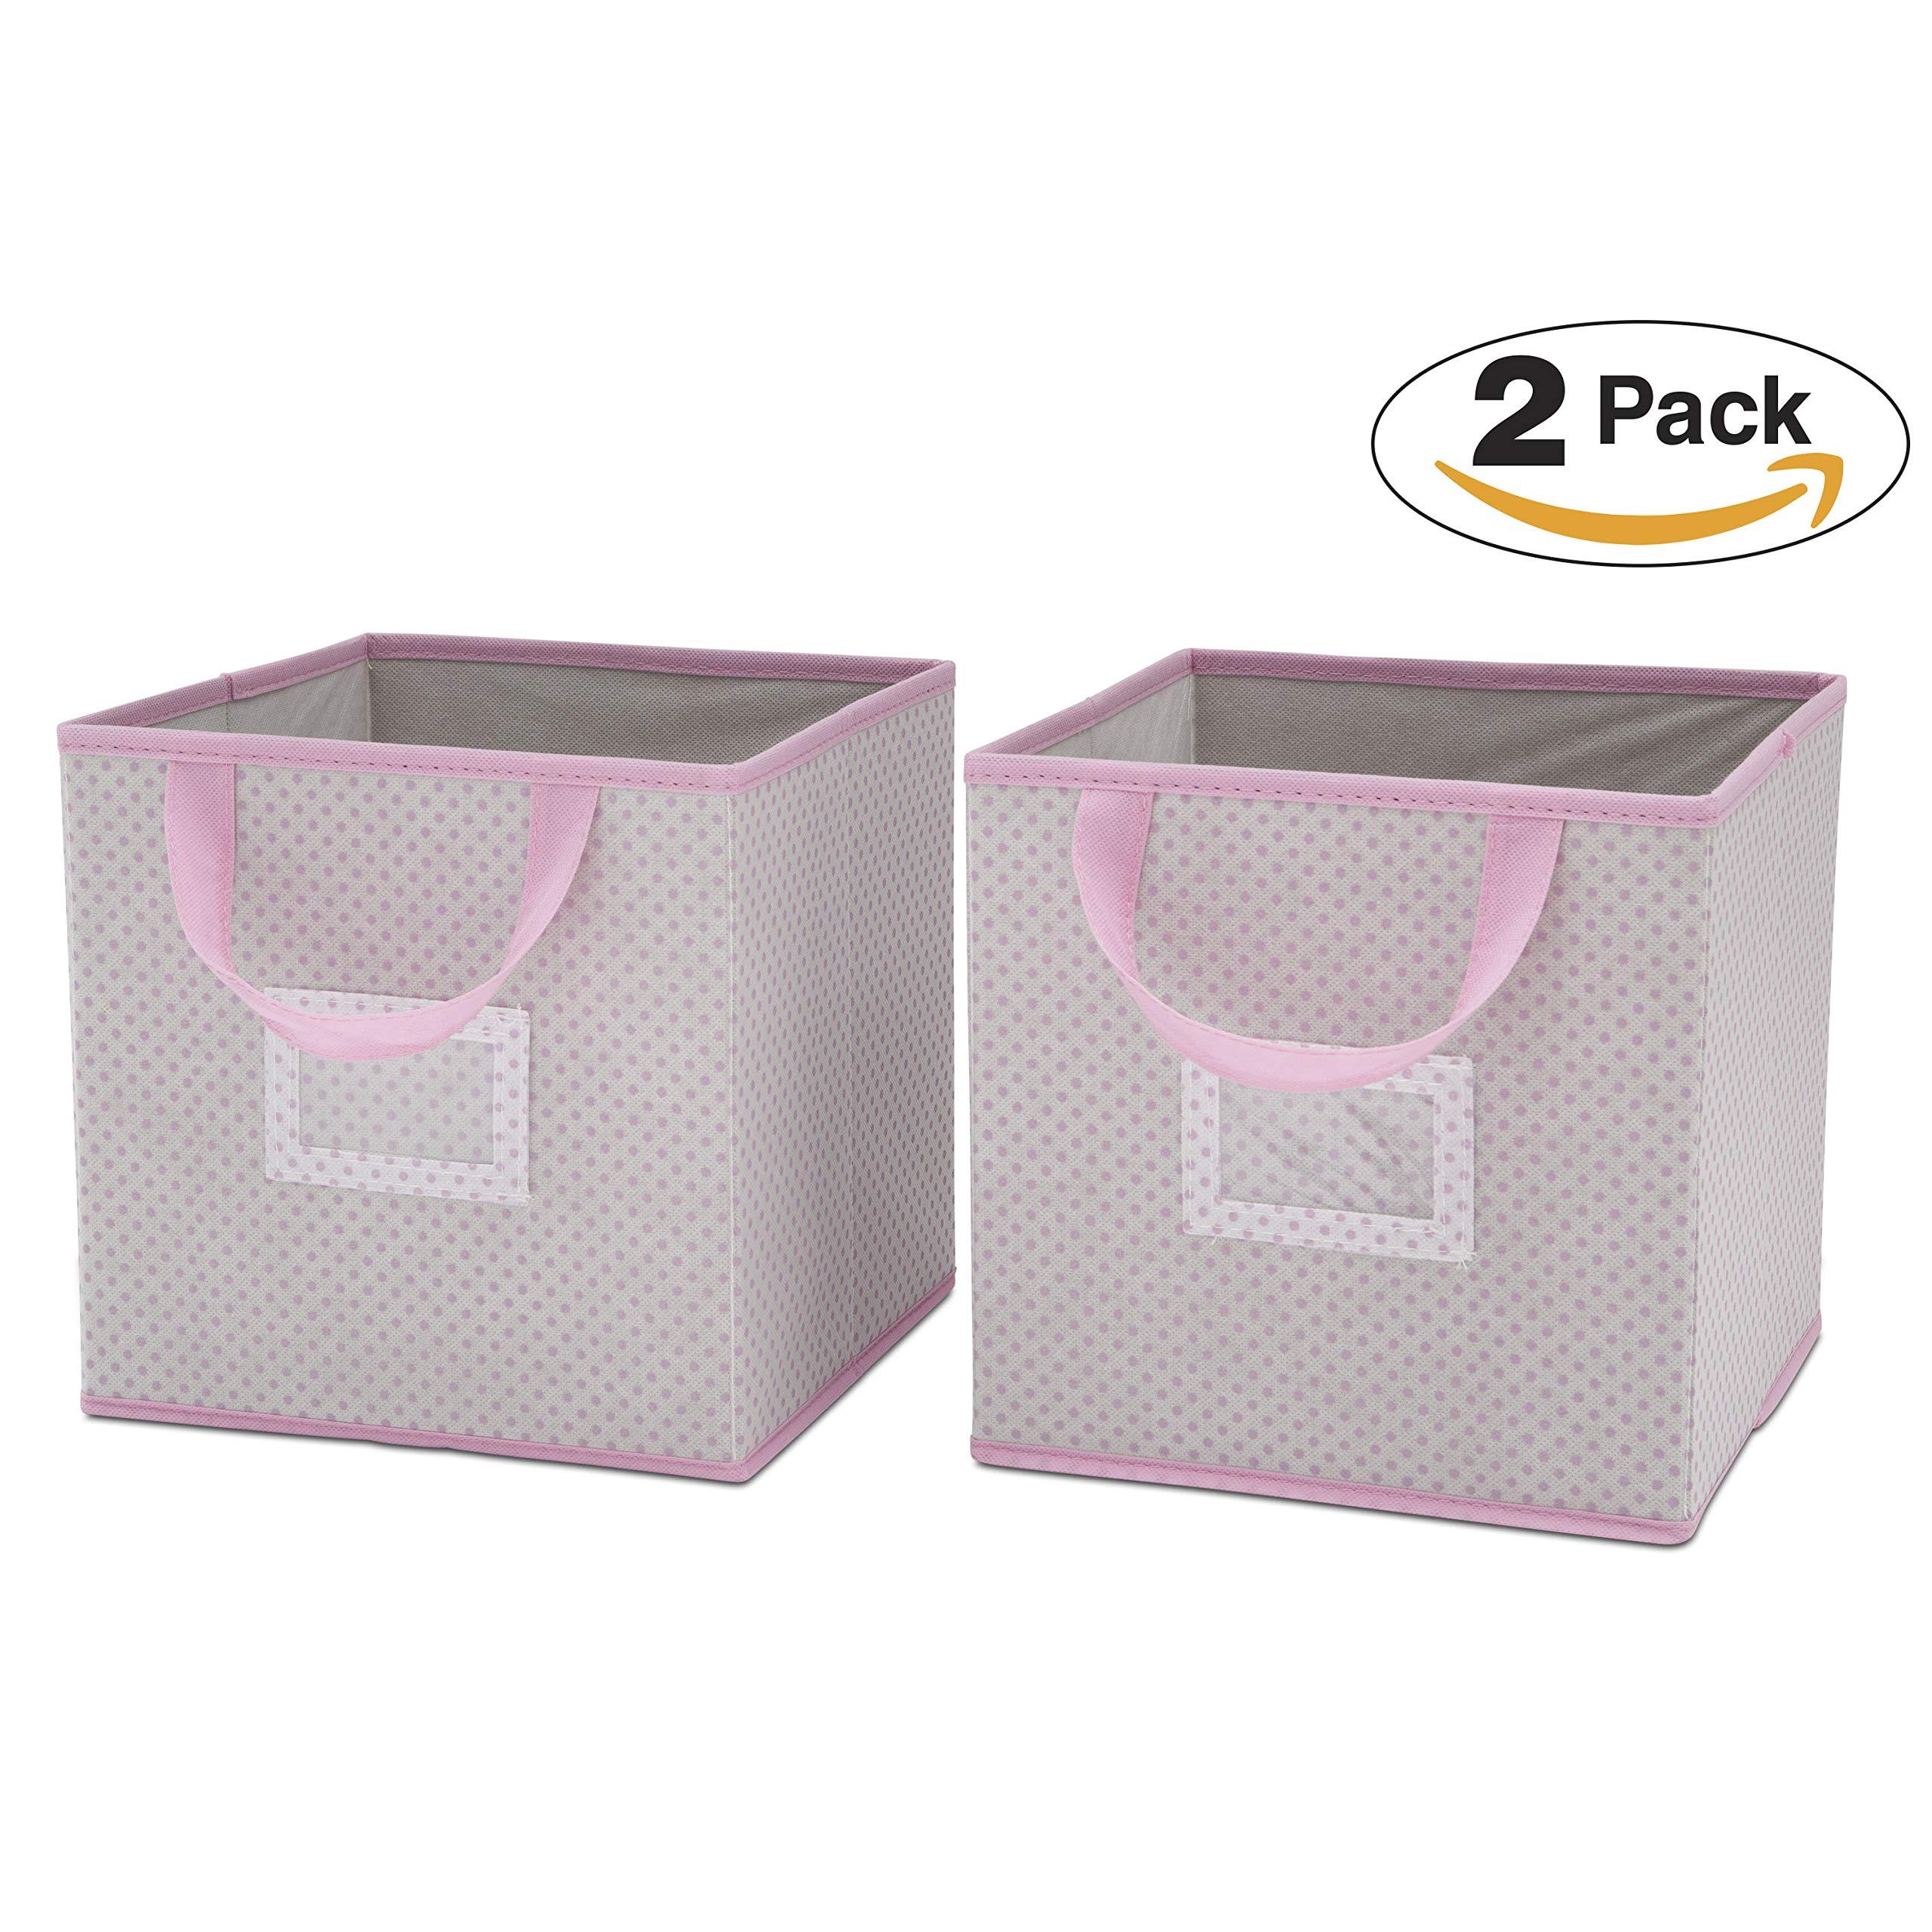 Delta Children 2 Count Nursery Organizer Bin Set, Infinity Pink